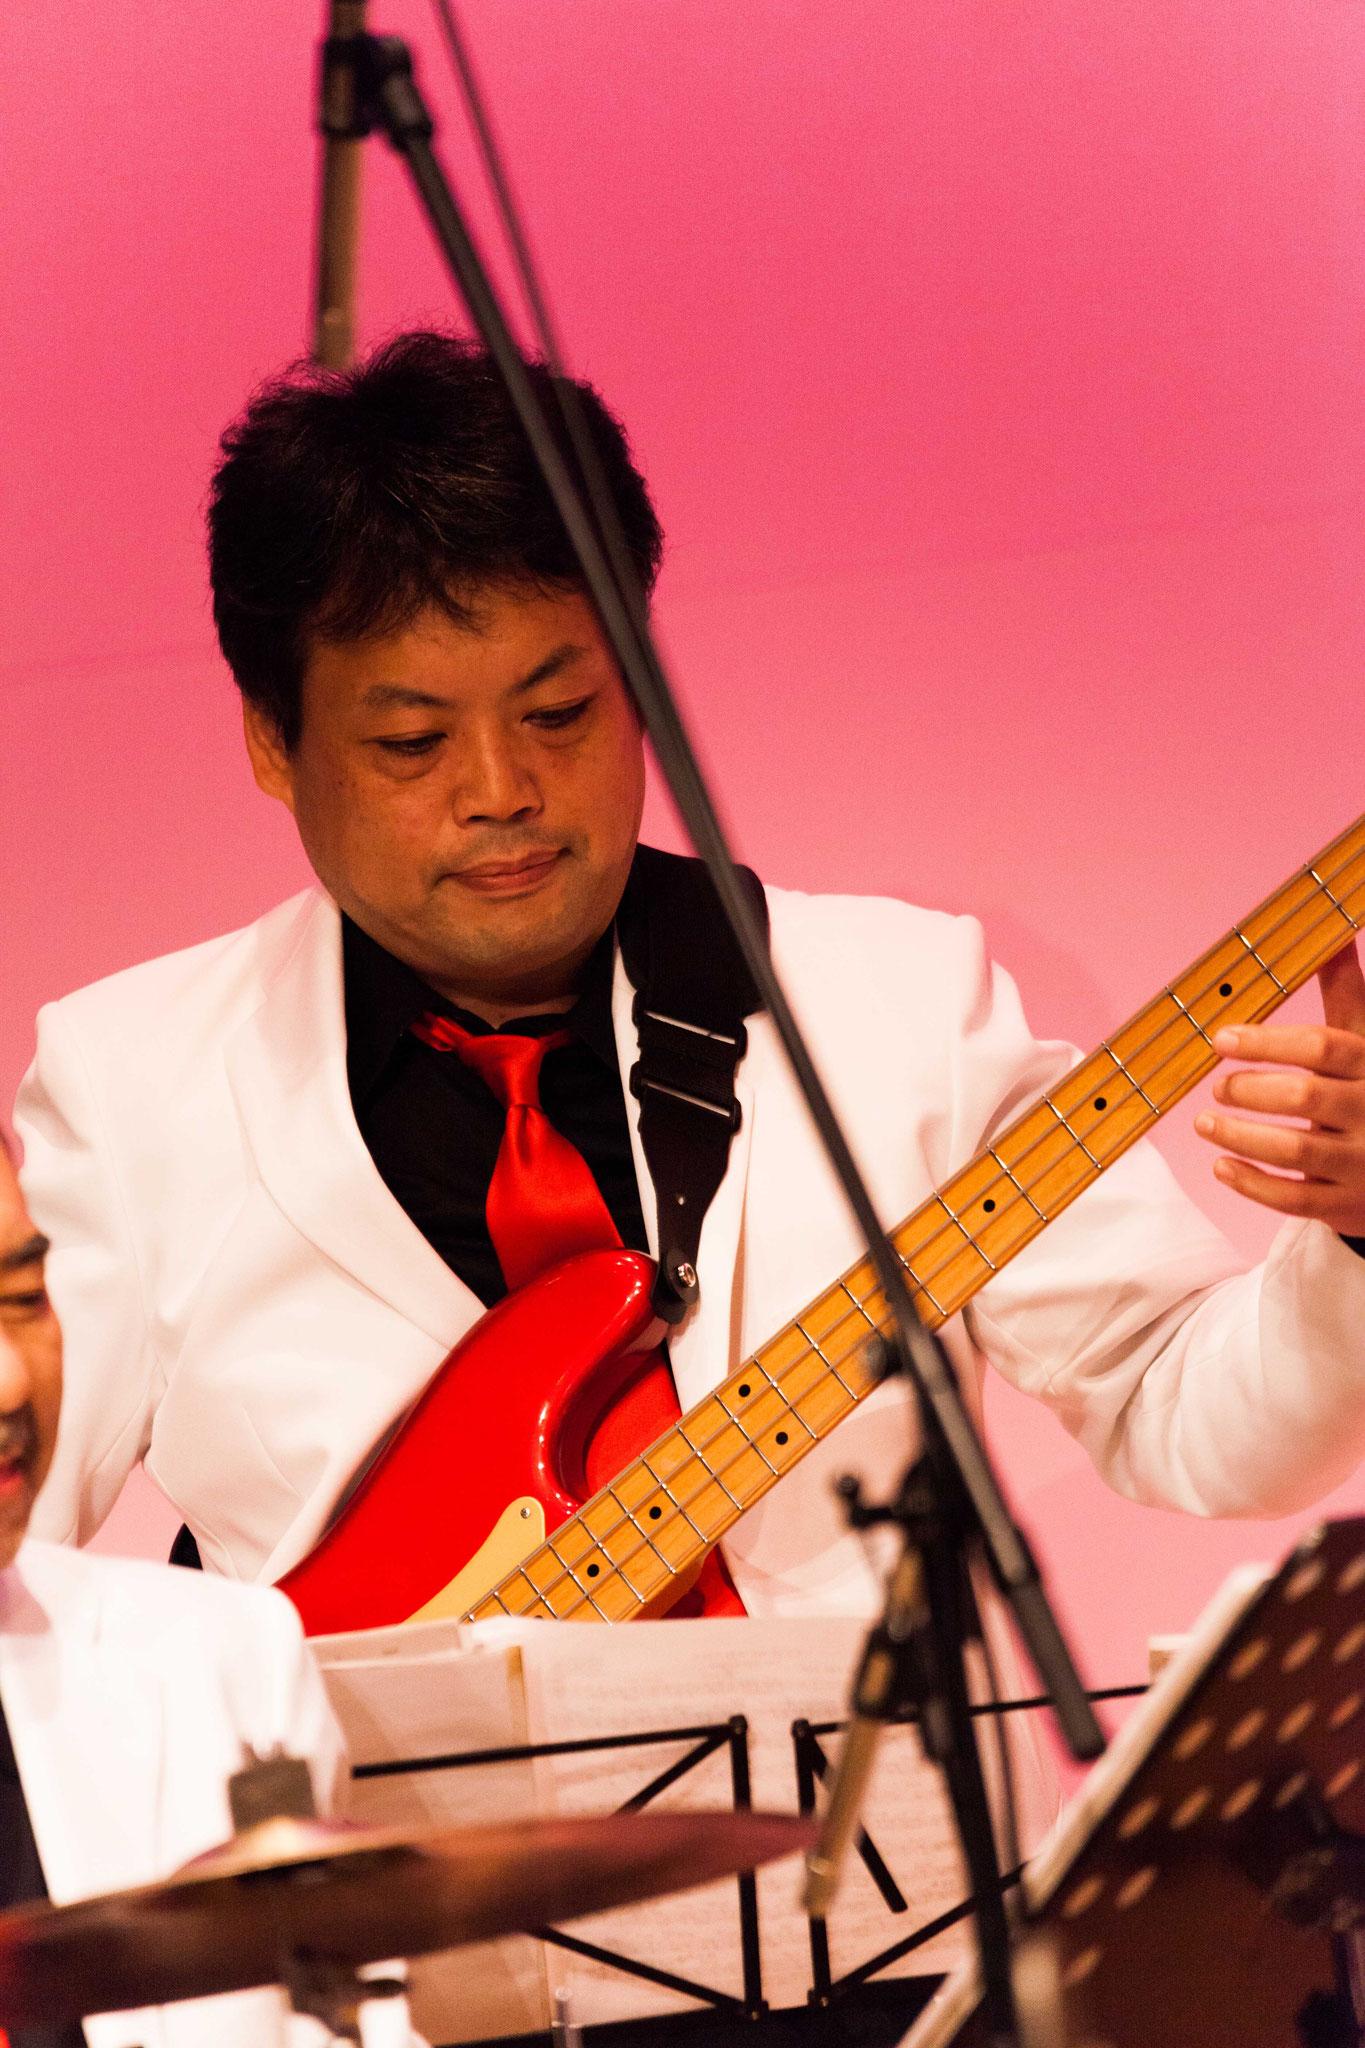 加藤とら則和(bass,banjo)